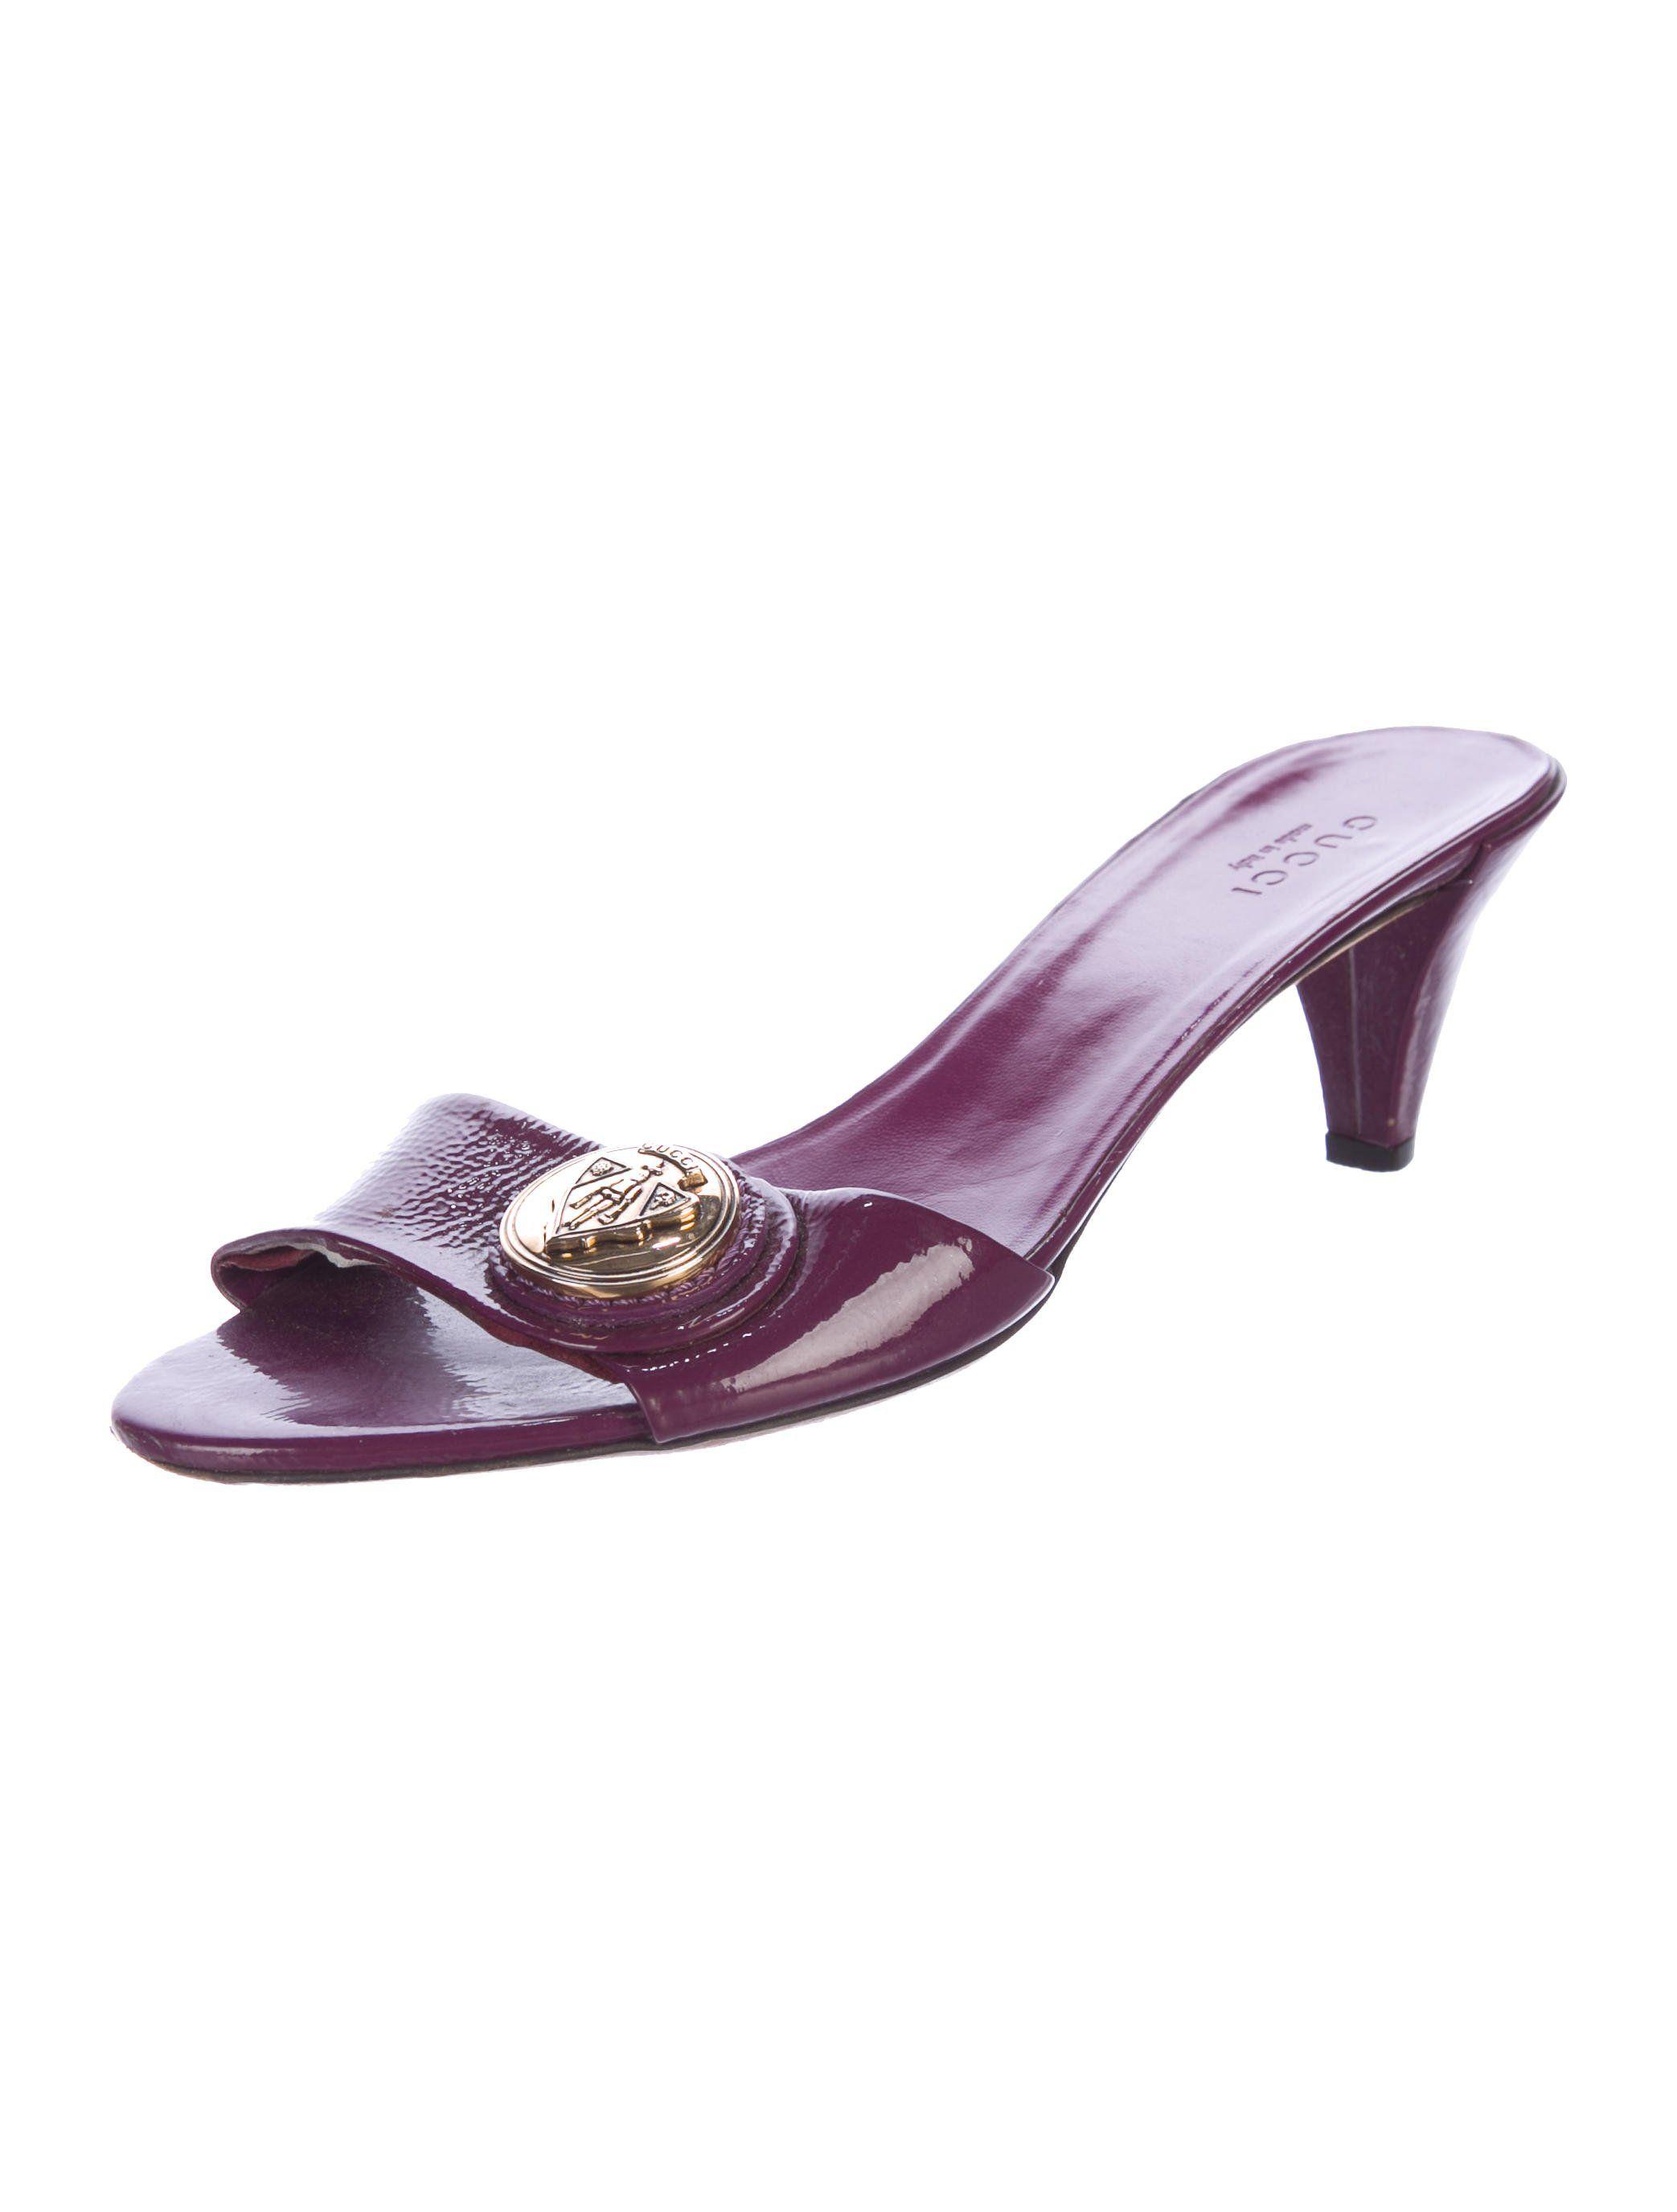 d602e9ea5ffa Gucci Emblem Slide Sandals - Shoes - GUC181691